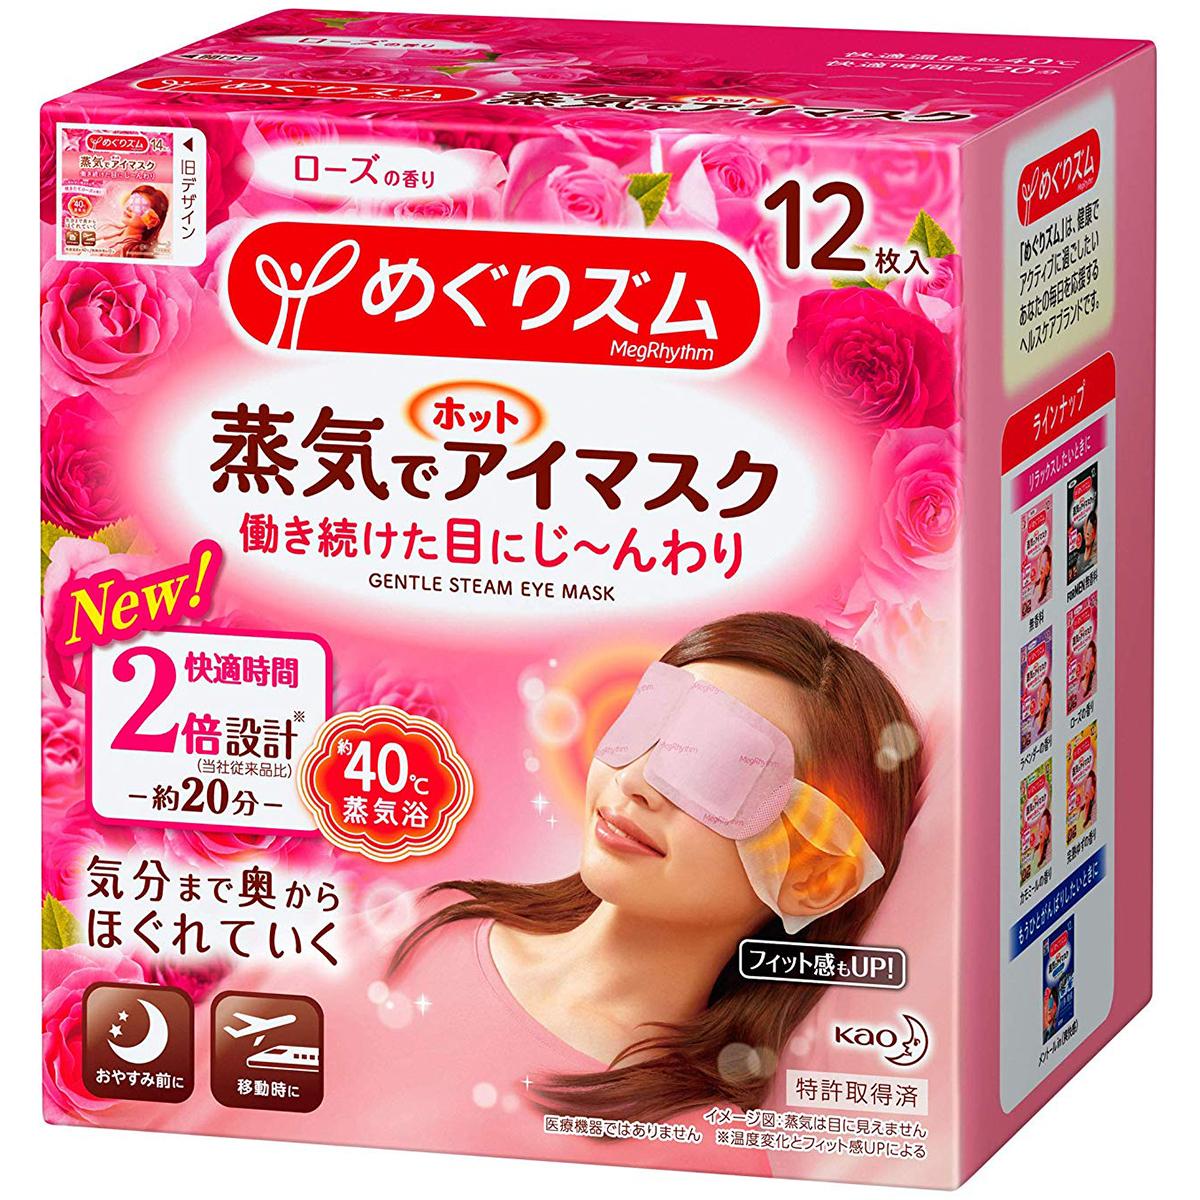 花王  蒸氣眼罩(2倍時效) 玫瑰味 12枚